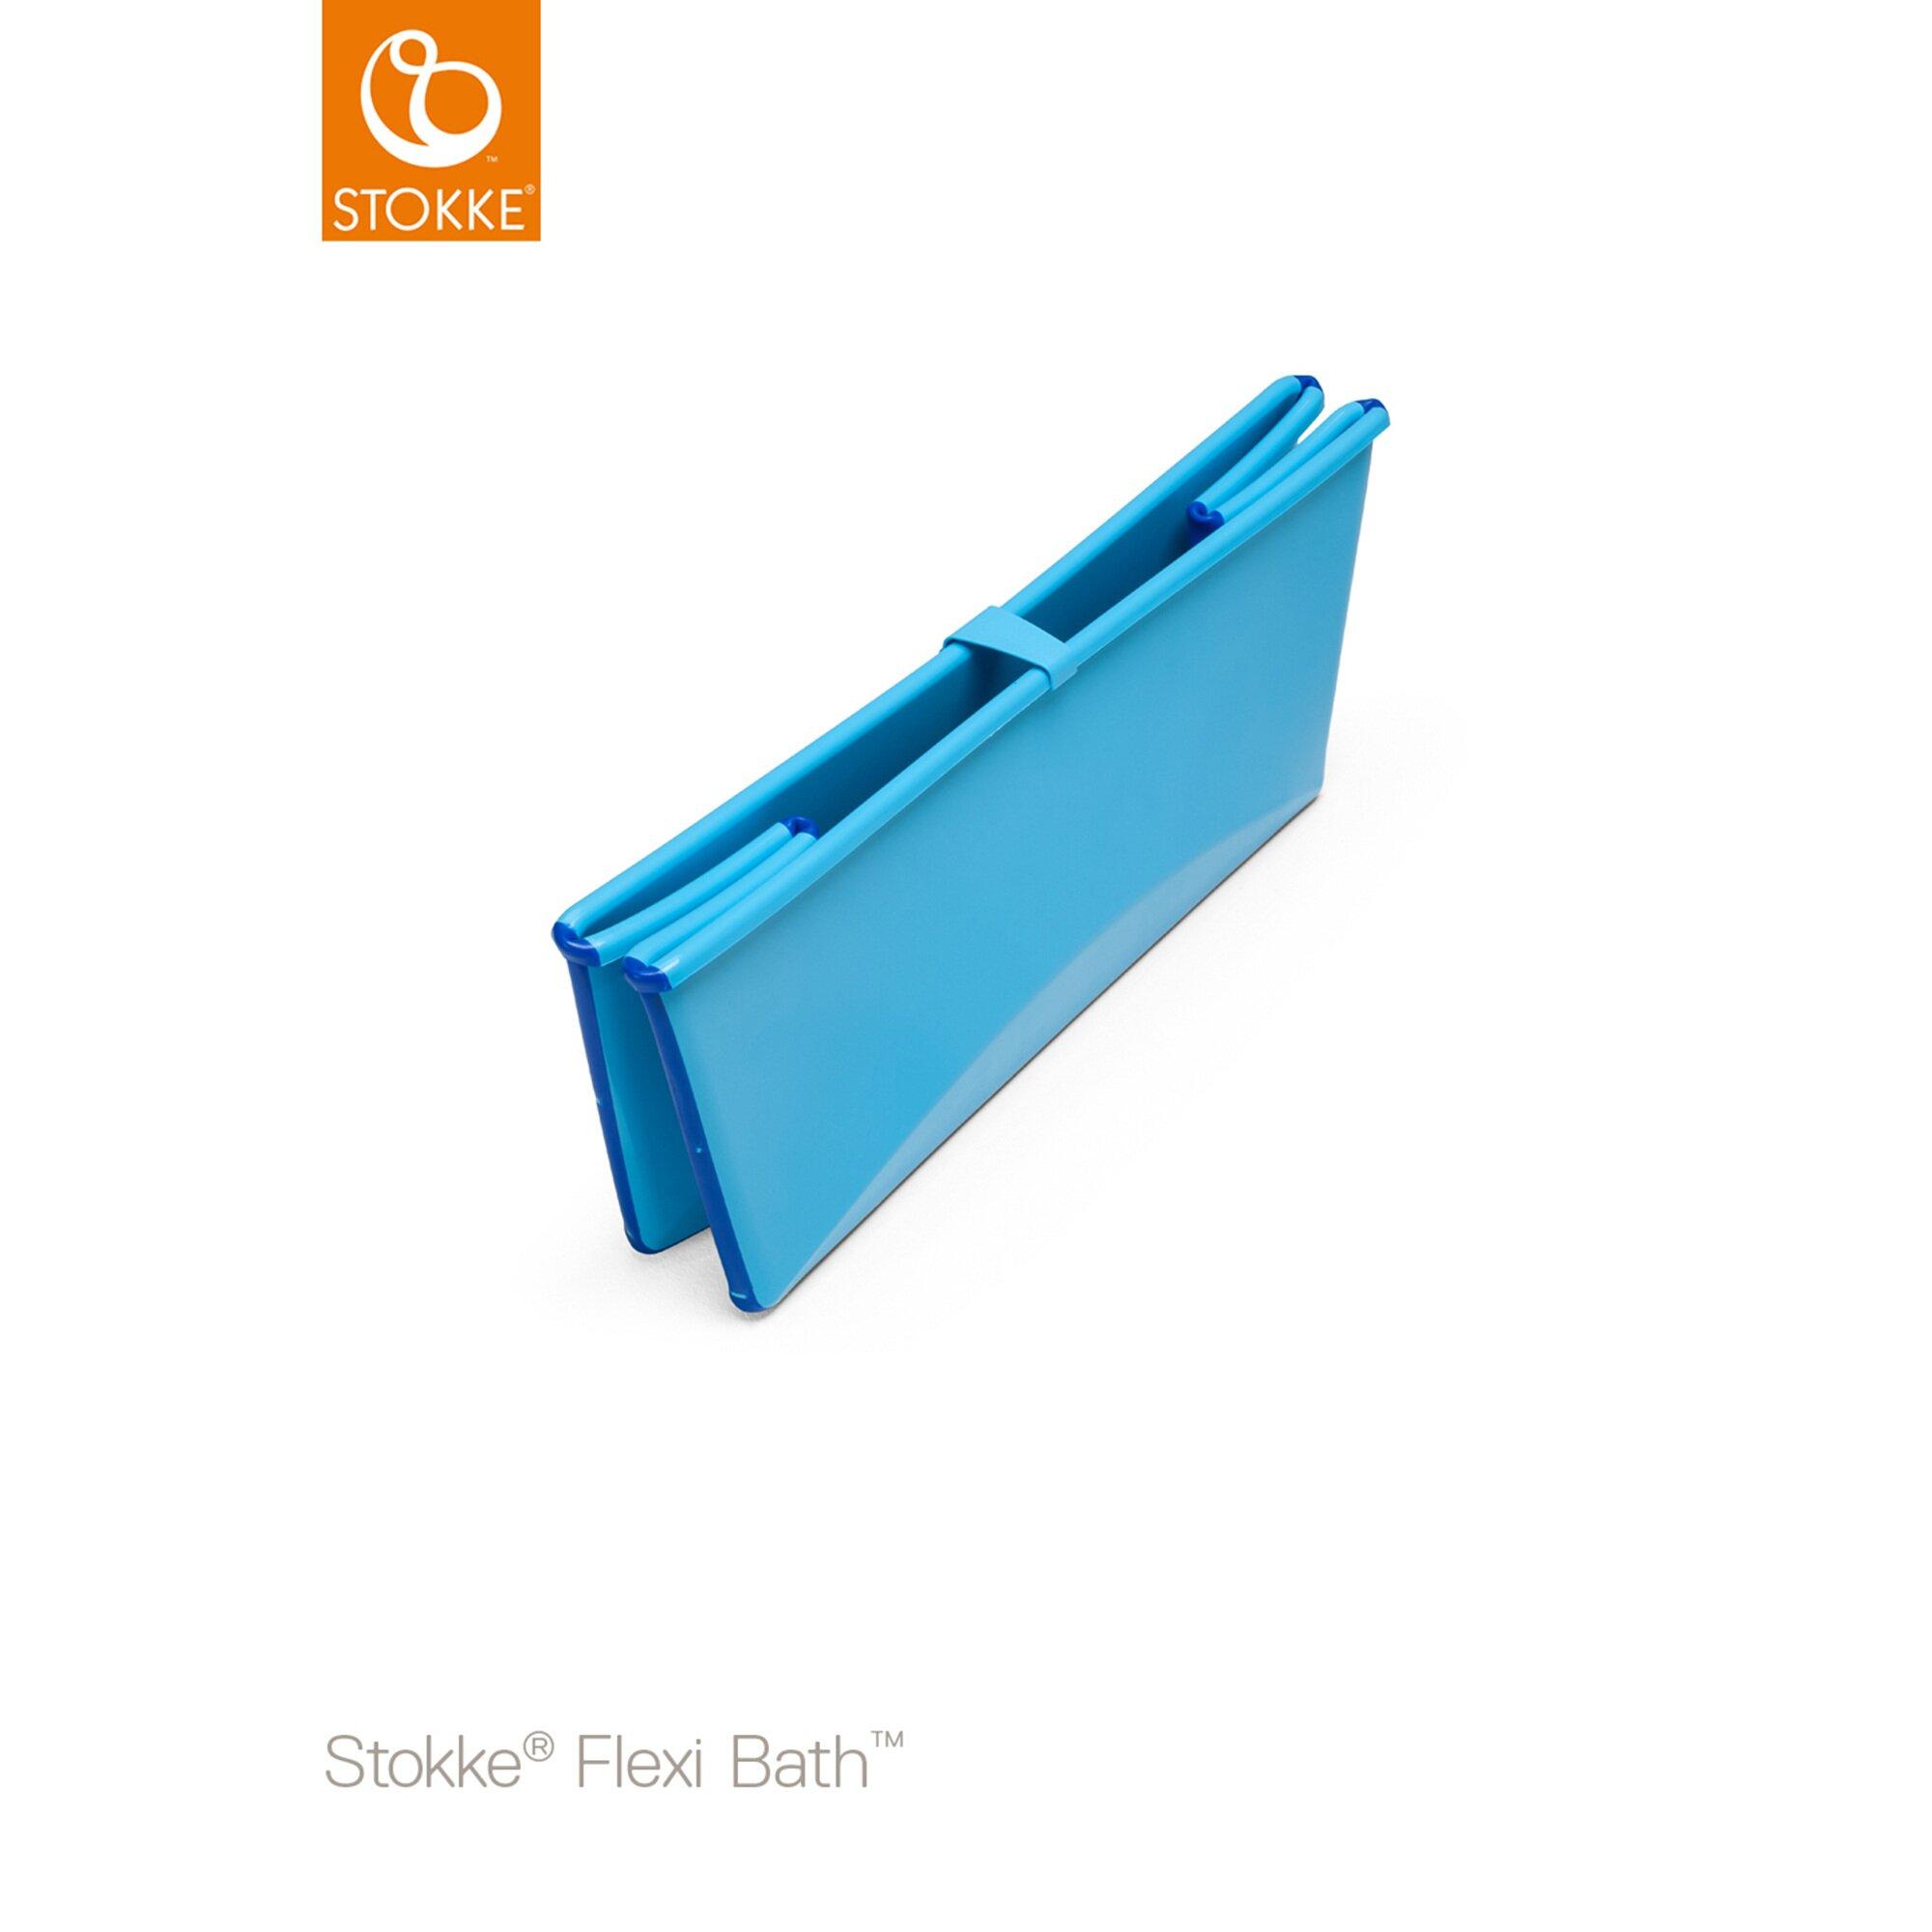 flexibath-babywanne-blau, 39.99 EUR @ babywalz-de